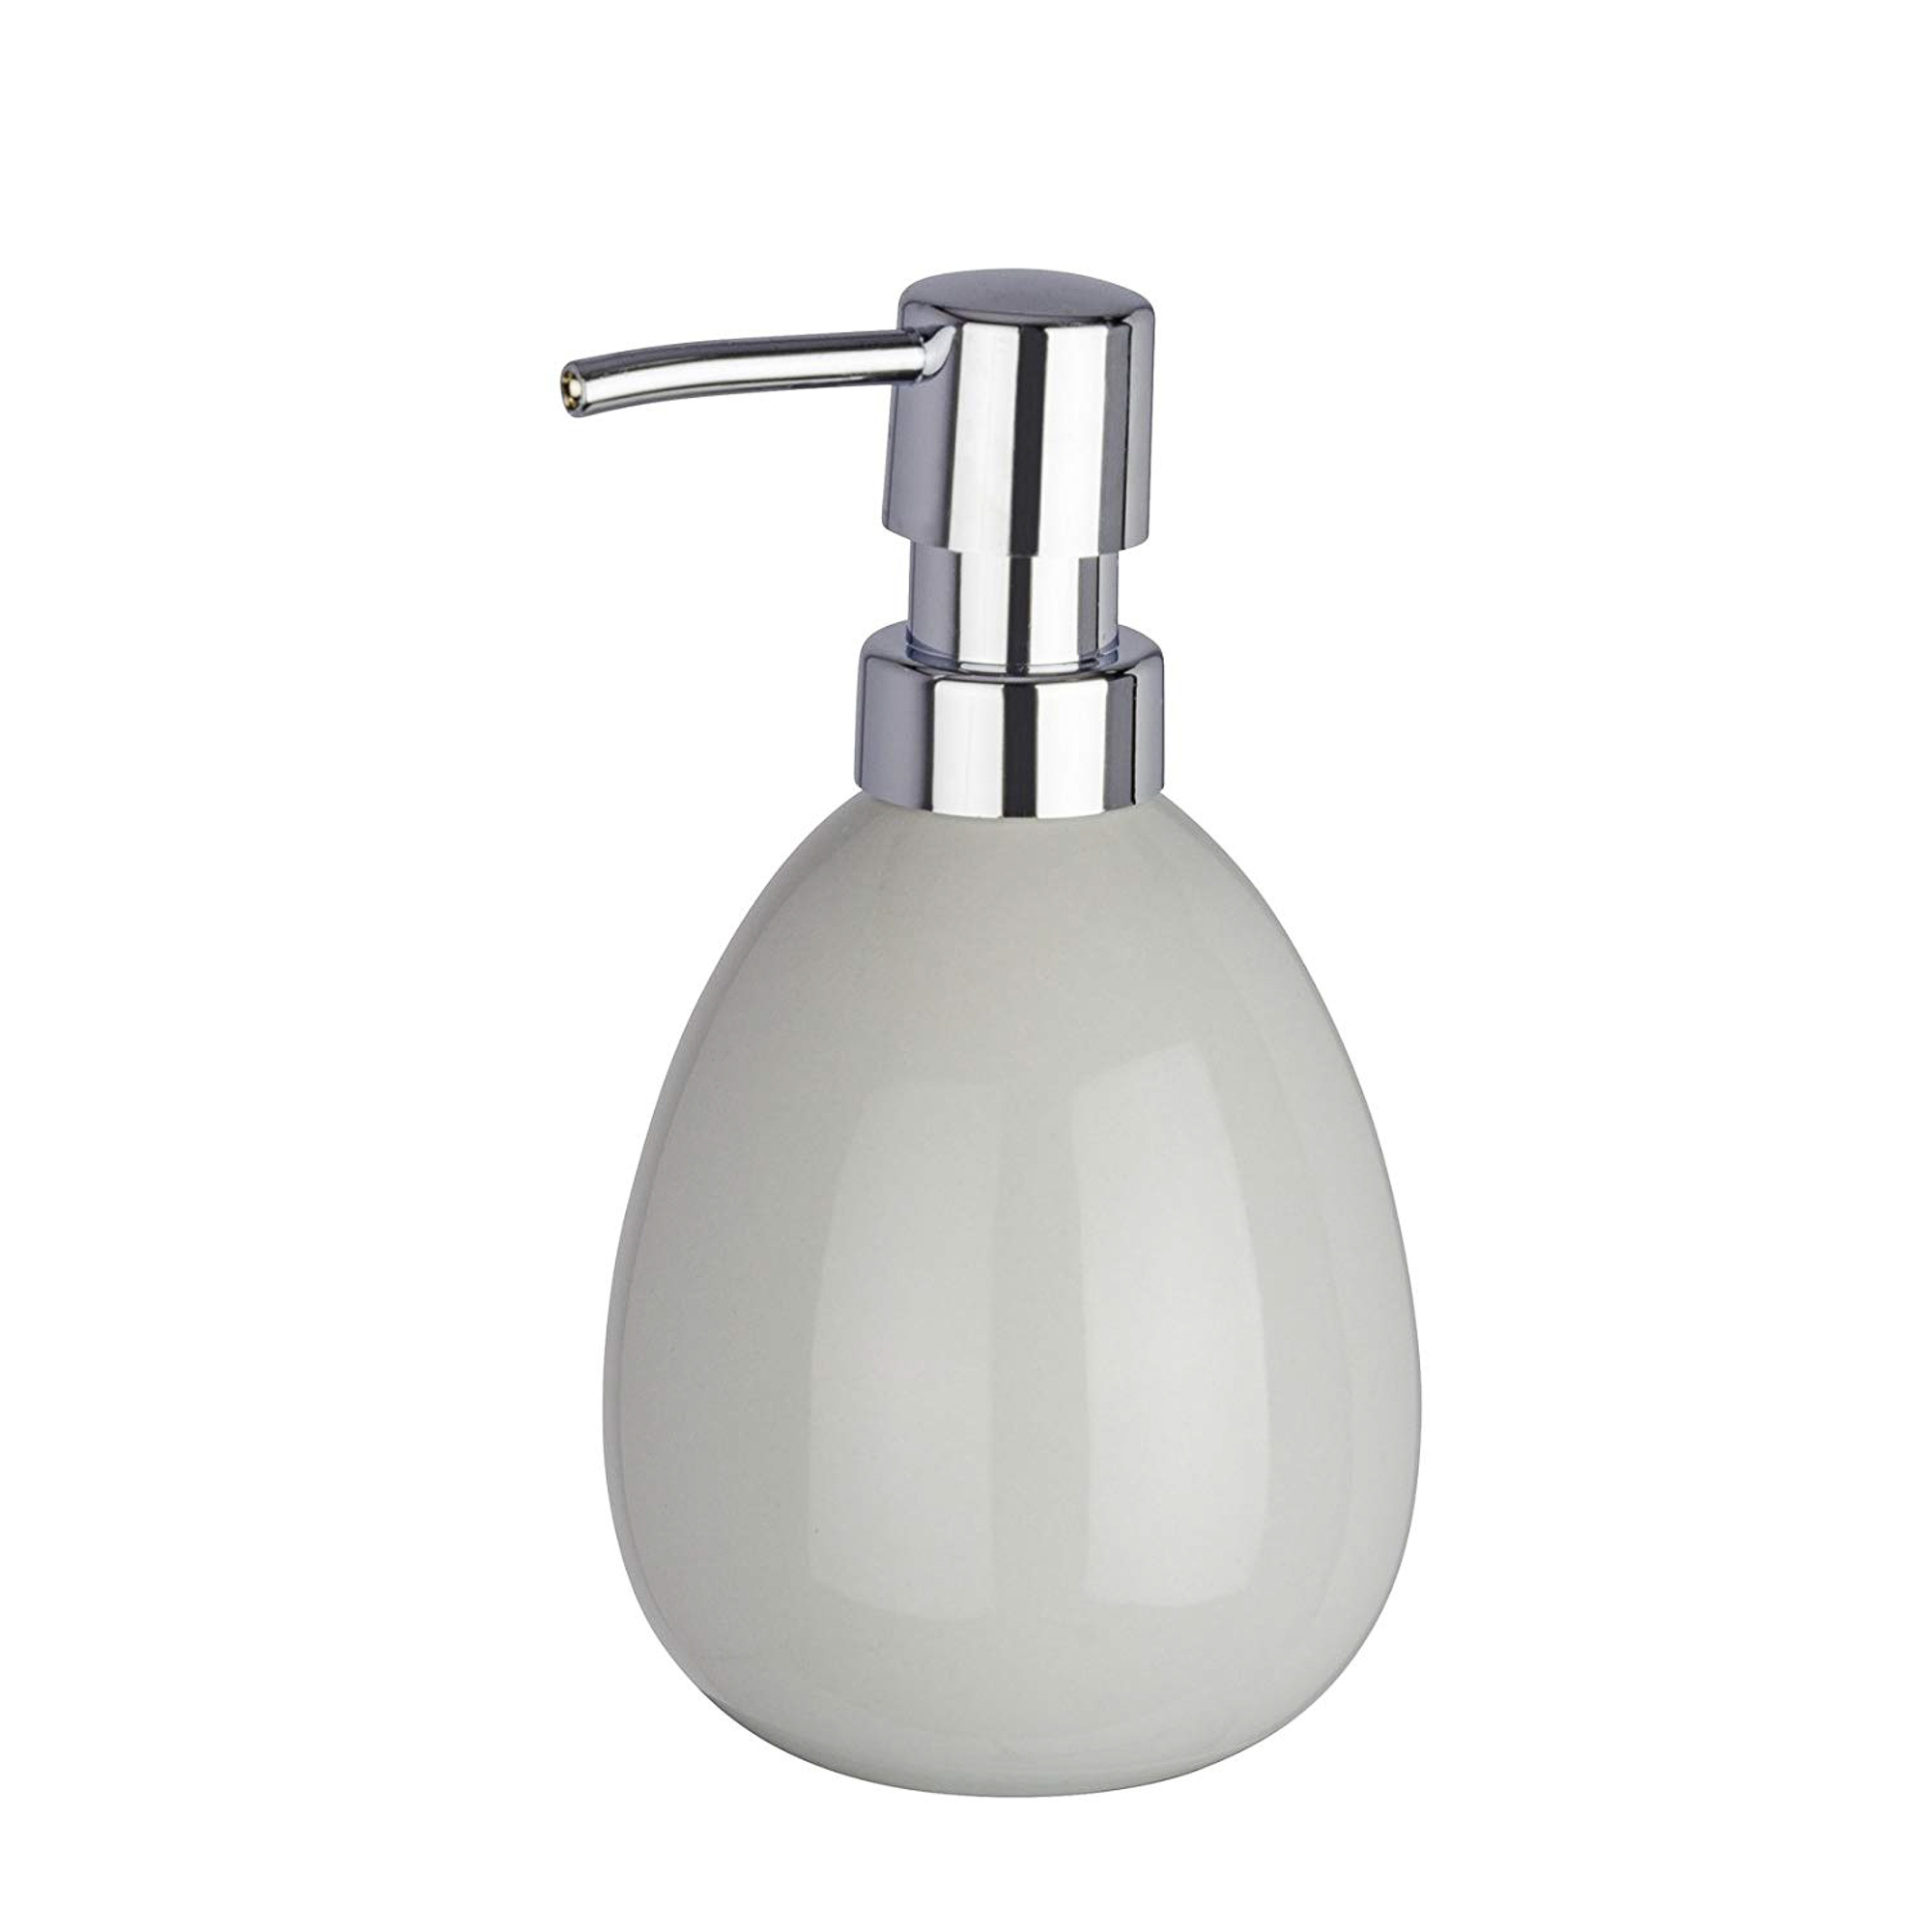 Купить Дозатор для мыла Wenko Polaris grey 390 мл, Wenko sanitary, дозатор, Китай, серый, керамика